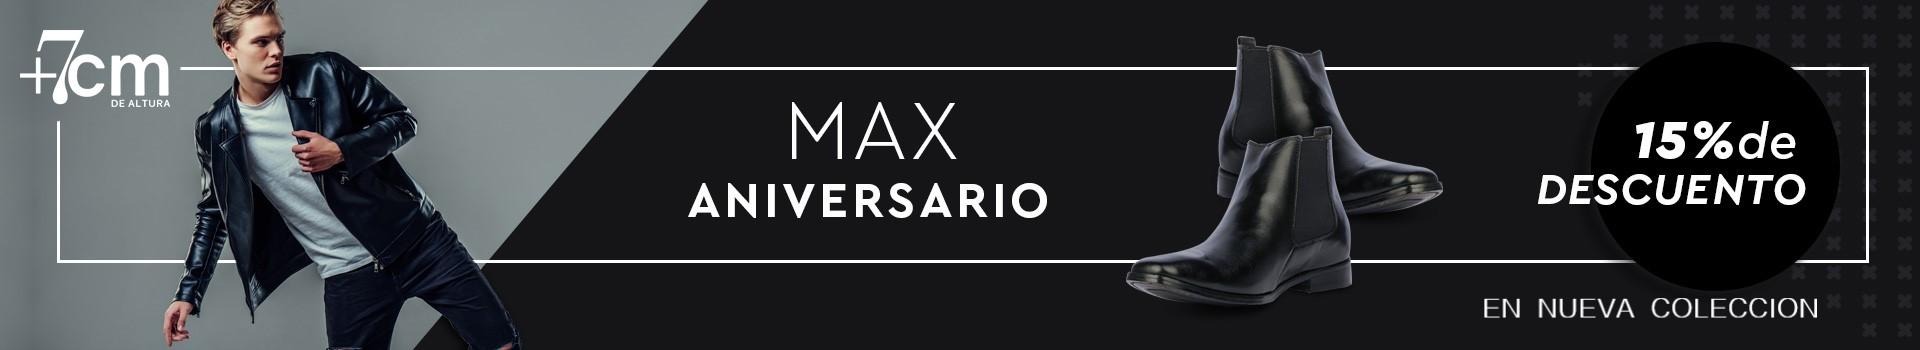 Max Aniversario nueva colección